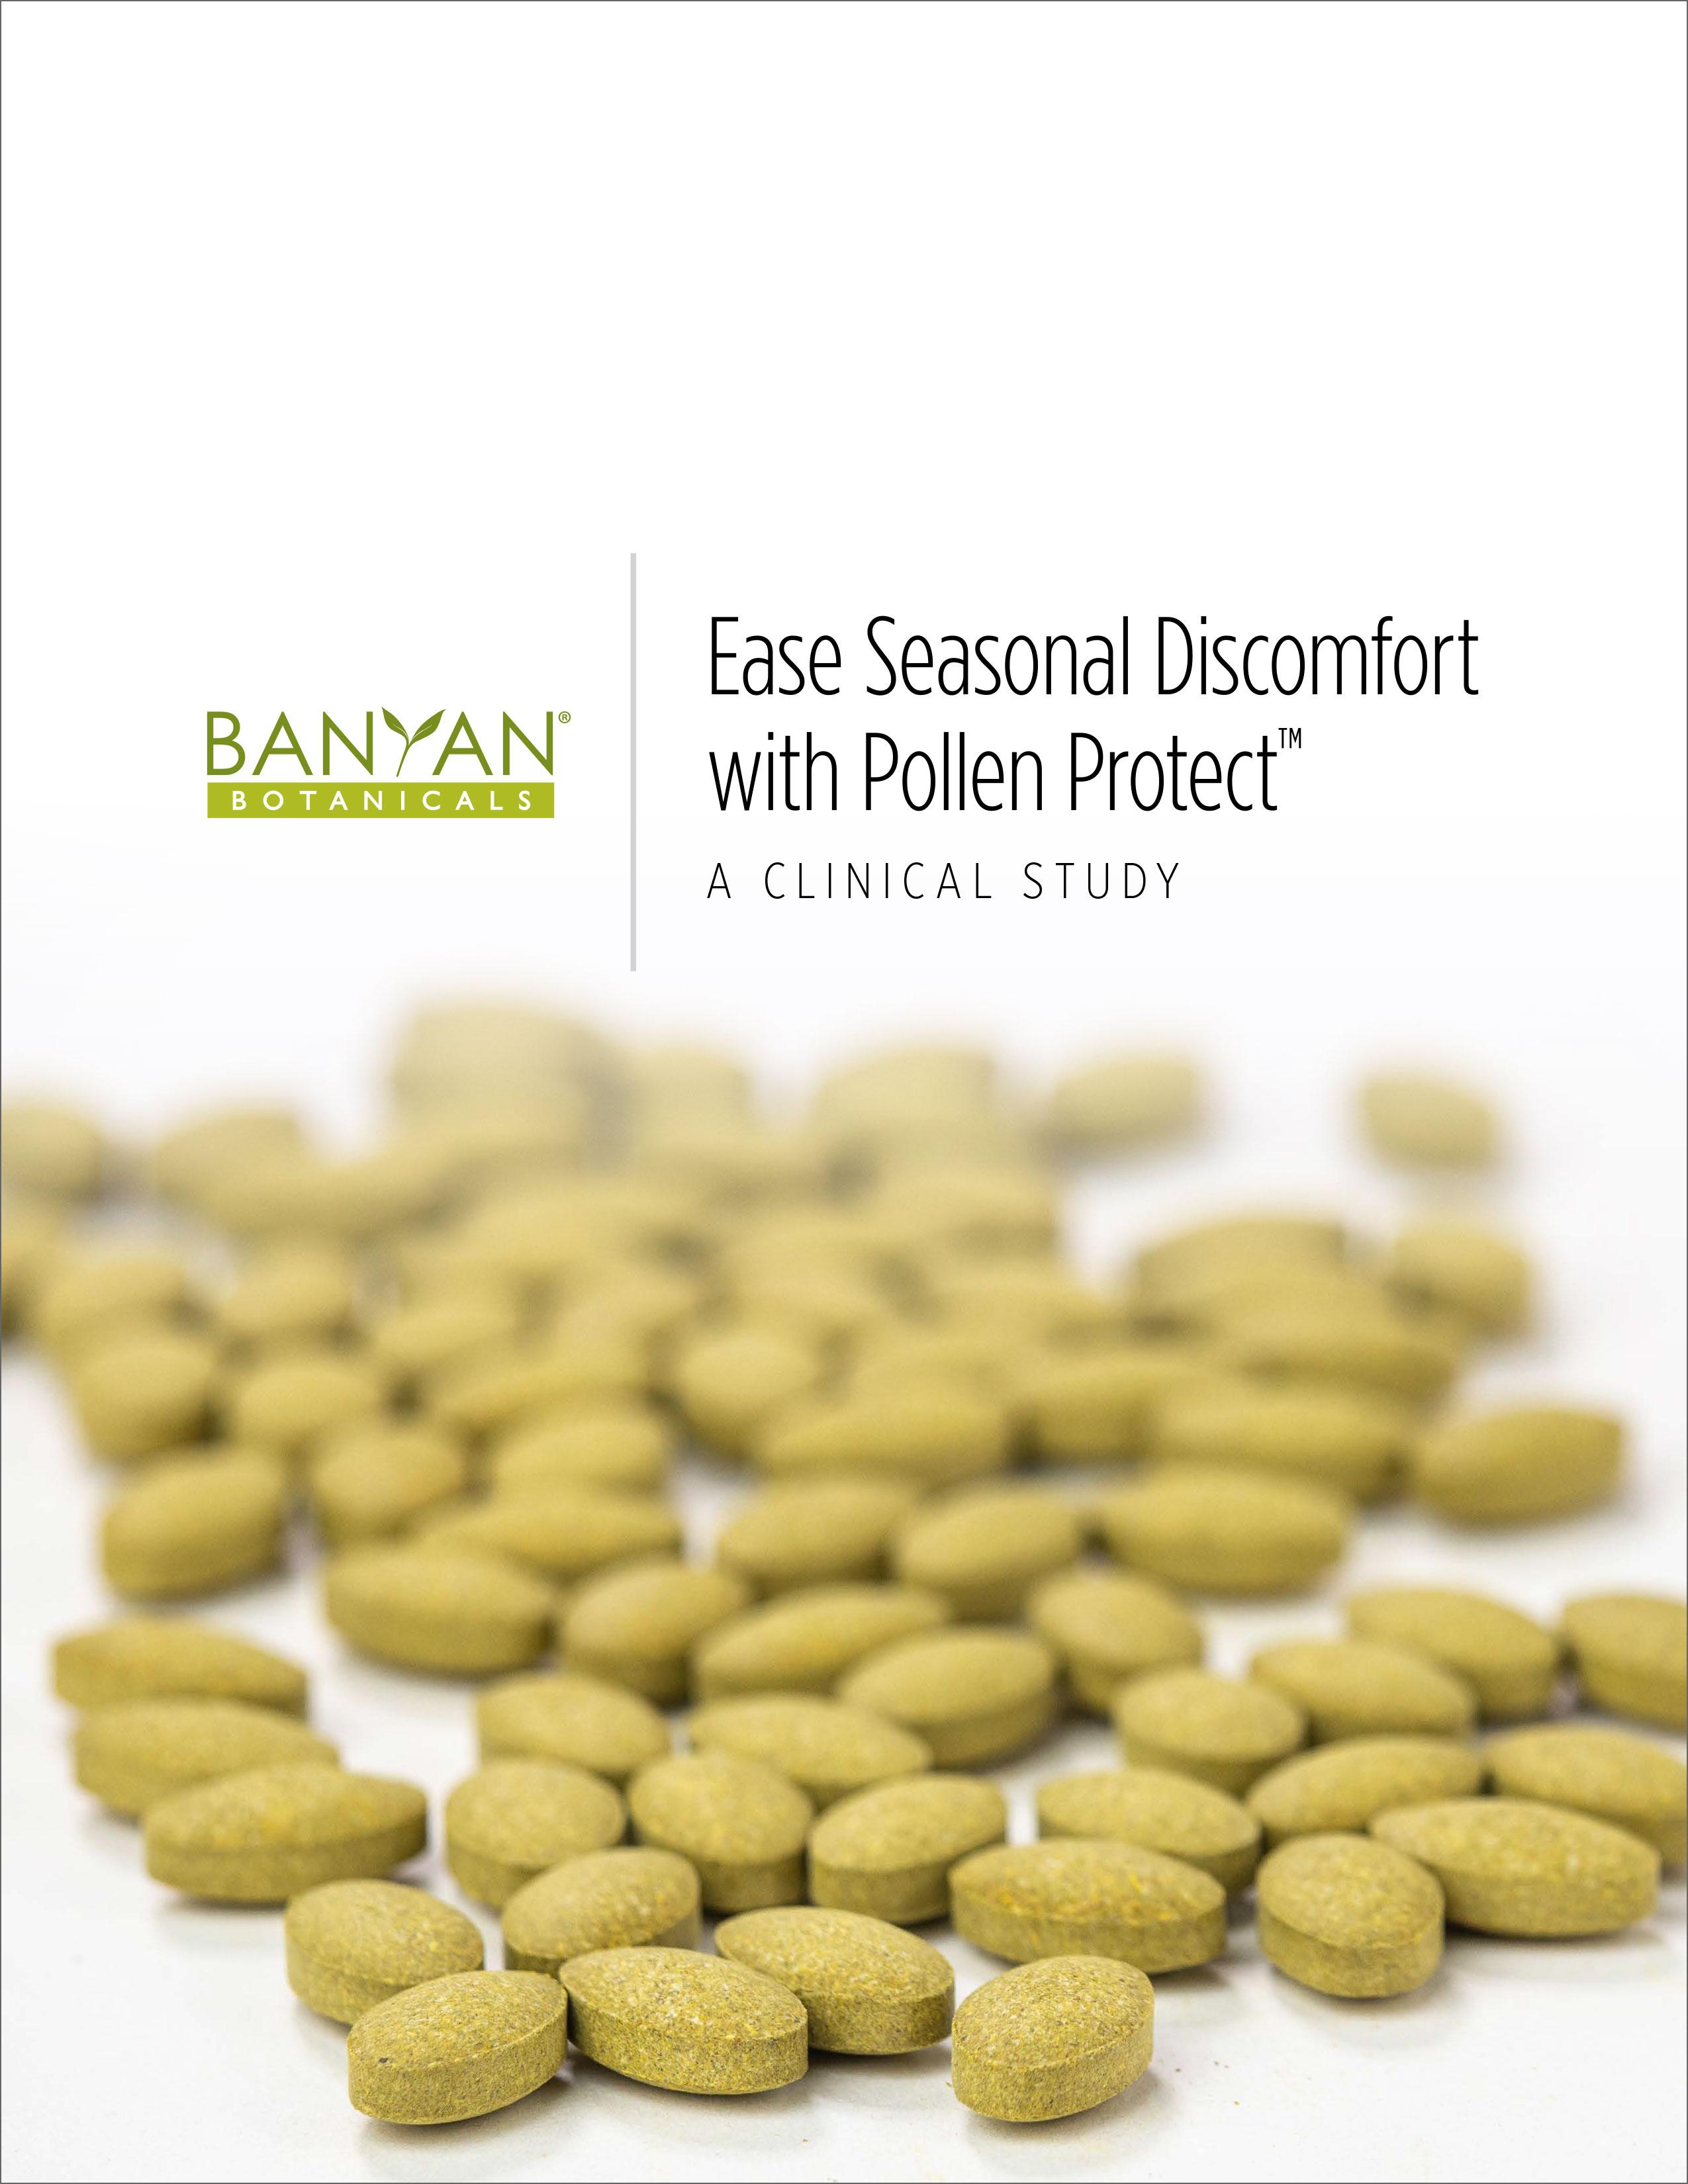 Pollen Protect White Paper PDF